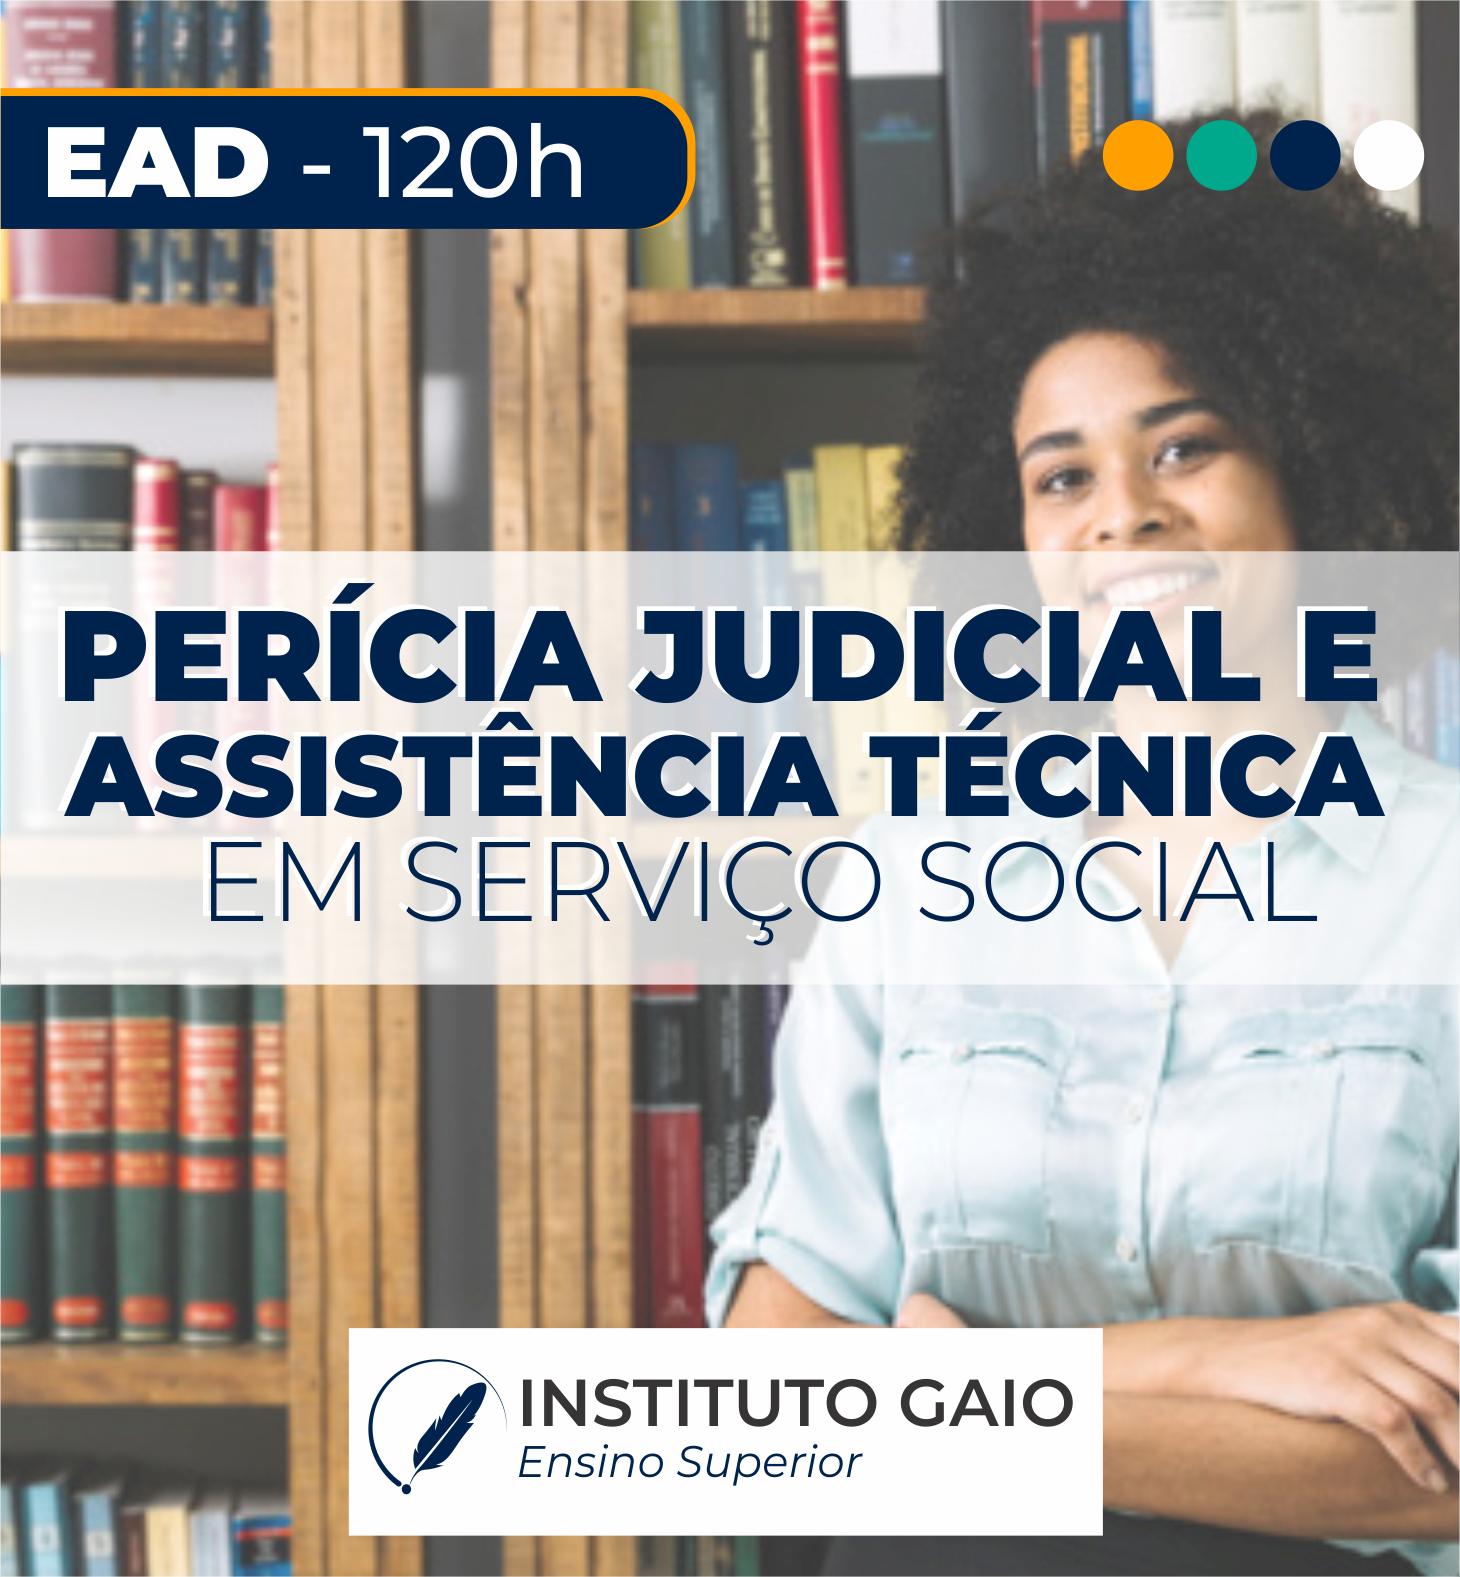 PERITO (A) JUDICIAL E ASSISTENTE TÉCNICO (A) EM SERVIÇO SOCIAL – 120h – EAD